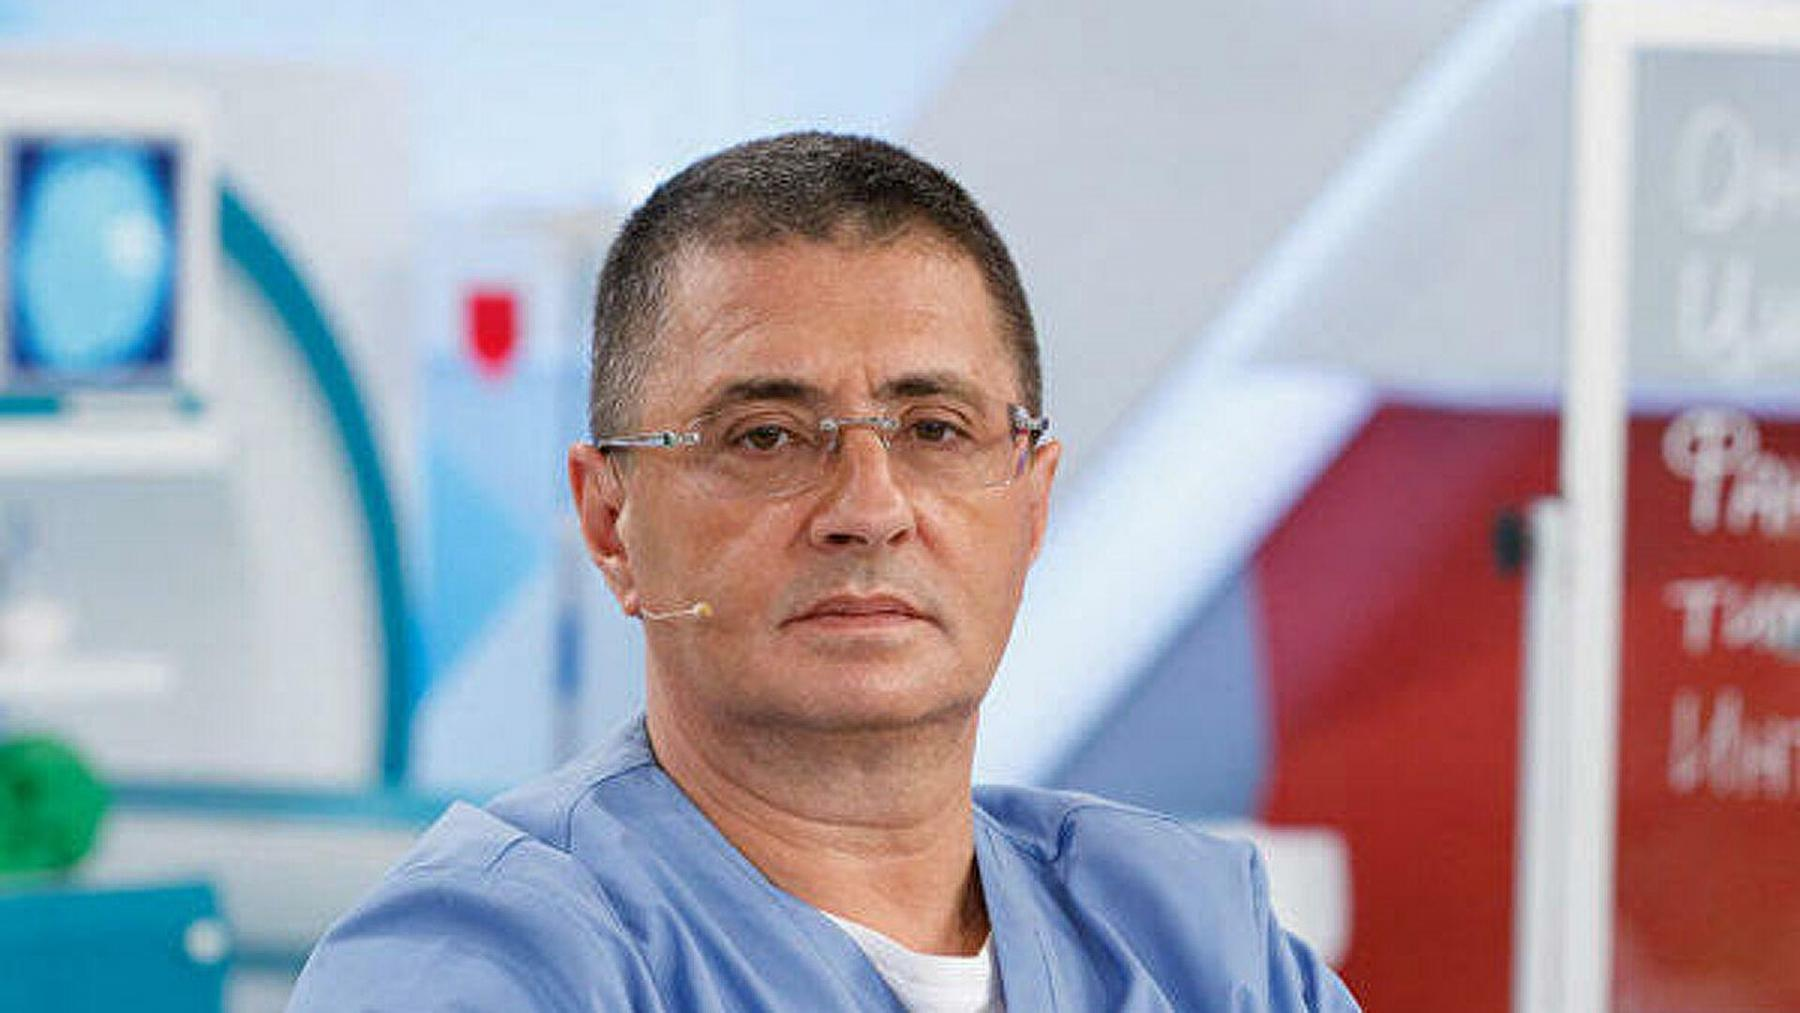 фото «Подобные схемы убивают»: врач рассказал об опасности фейковых рецептов лечения коронавируса 2